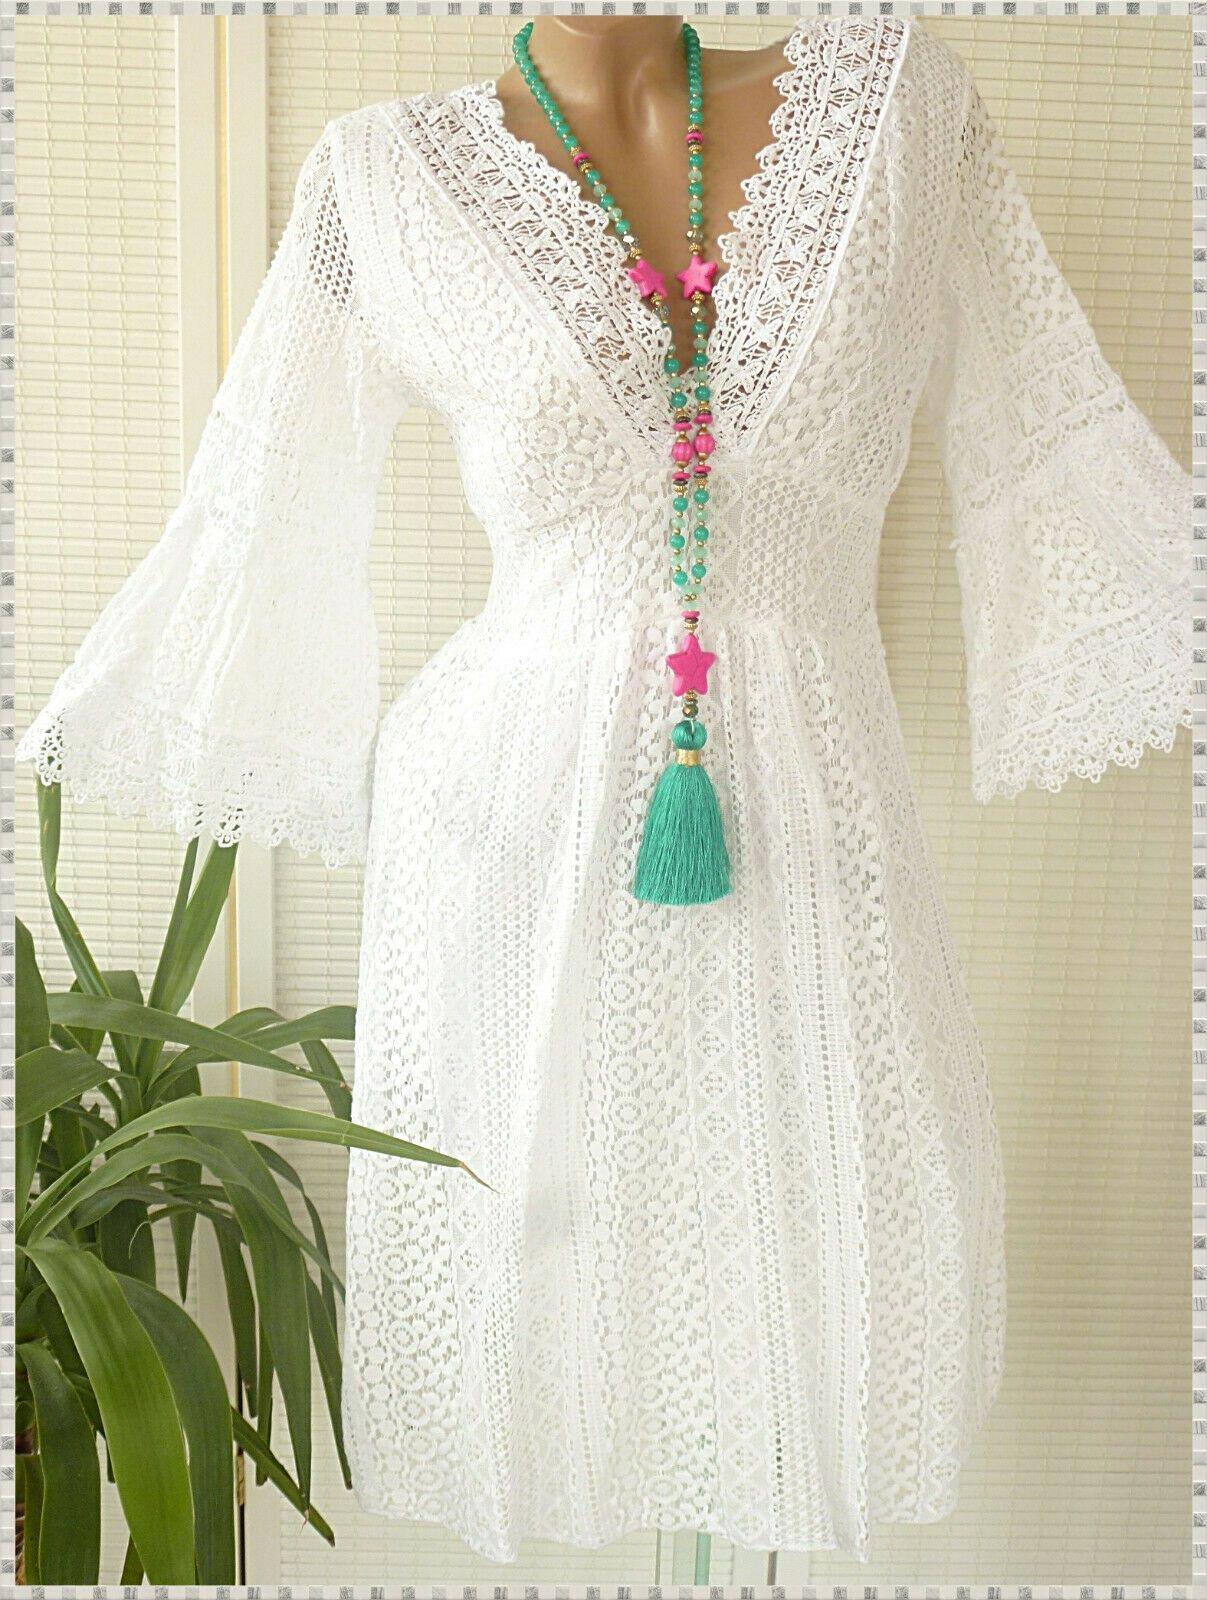 36 38 Schones Spitzen Kleid Unterlegt Hakel Spitze Weiss Hippie In 2020 Schone Kleider Kleid Spitze Kleider